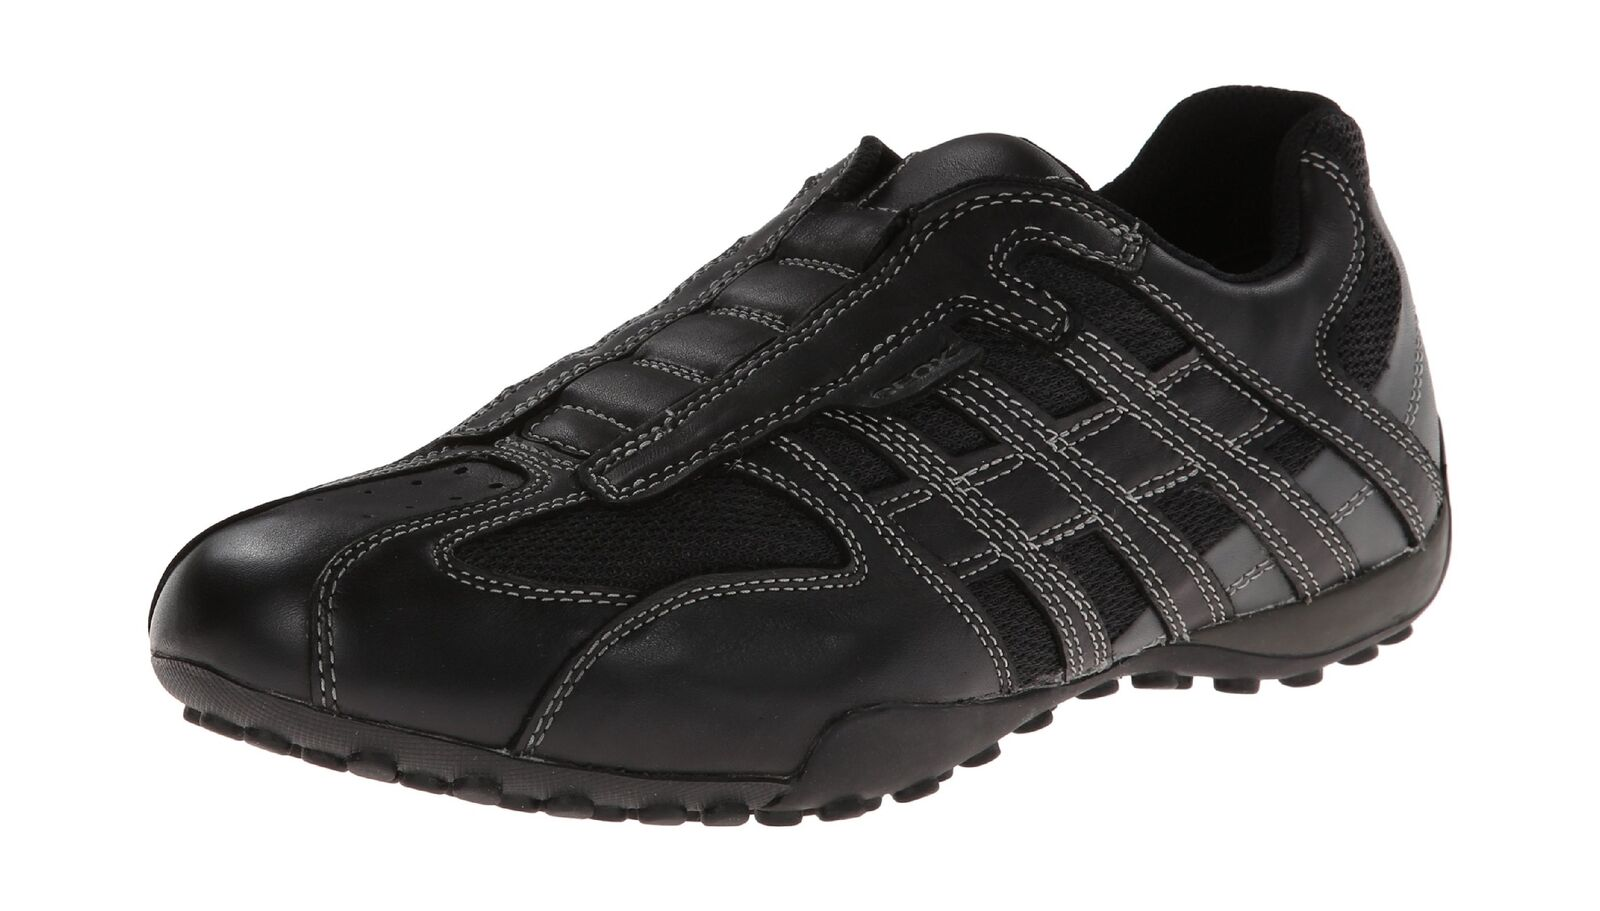 Geox Men Snake Low-Top Sneakers Black (Black Lead) 6.5 UK